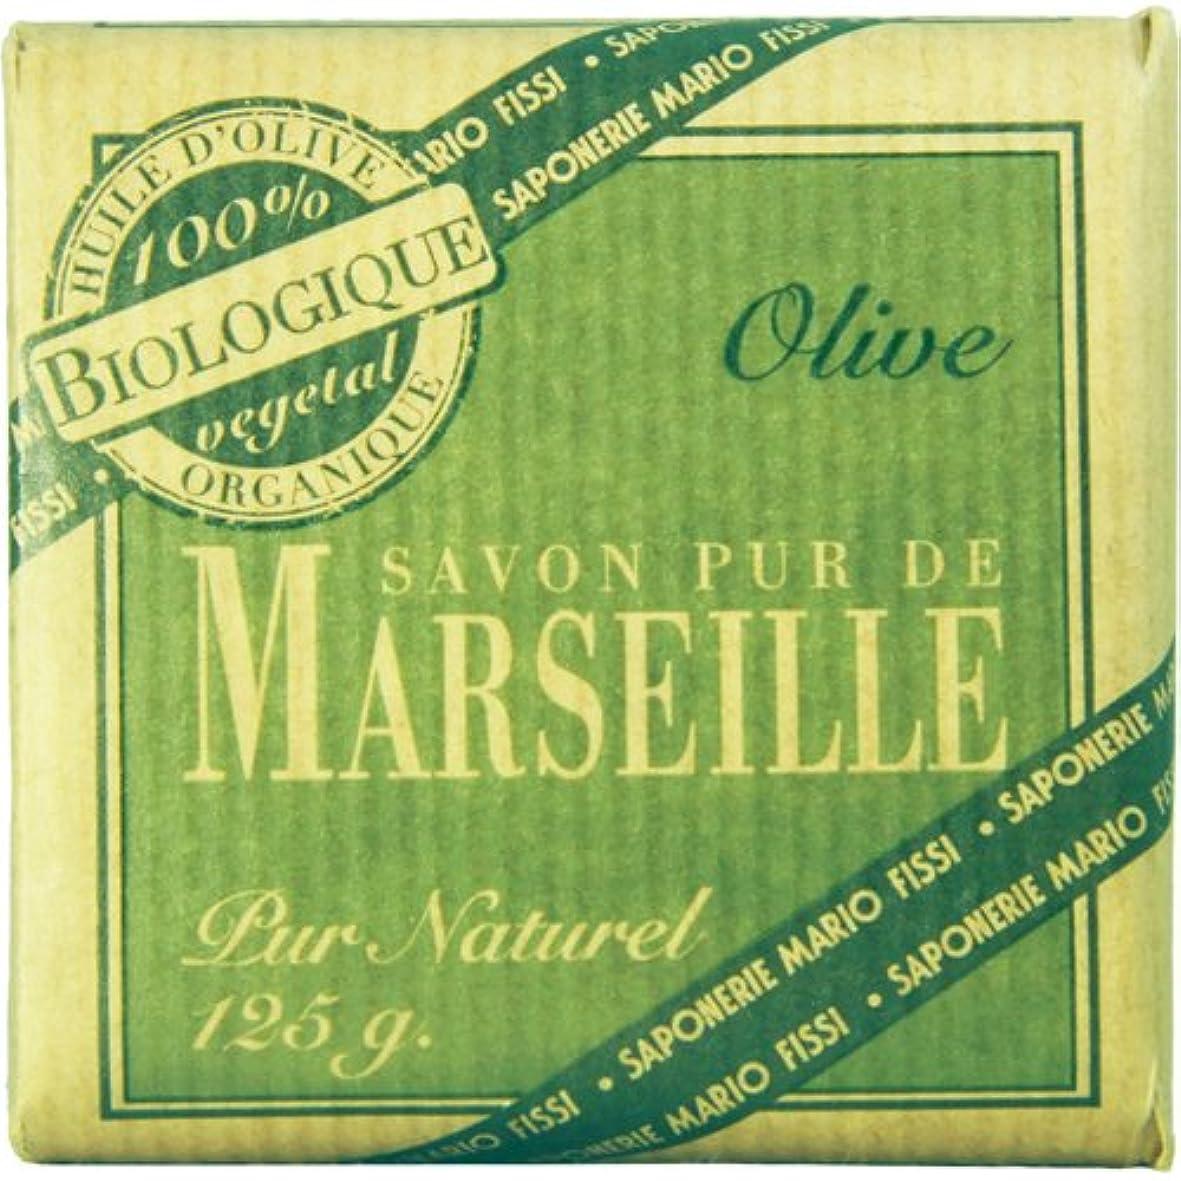 シャイ郡バウンスSaponerire Fissi マルセイユシリーズ マルセイユソープ 125g Olive オリーブ